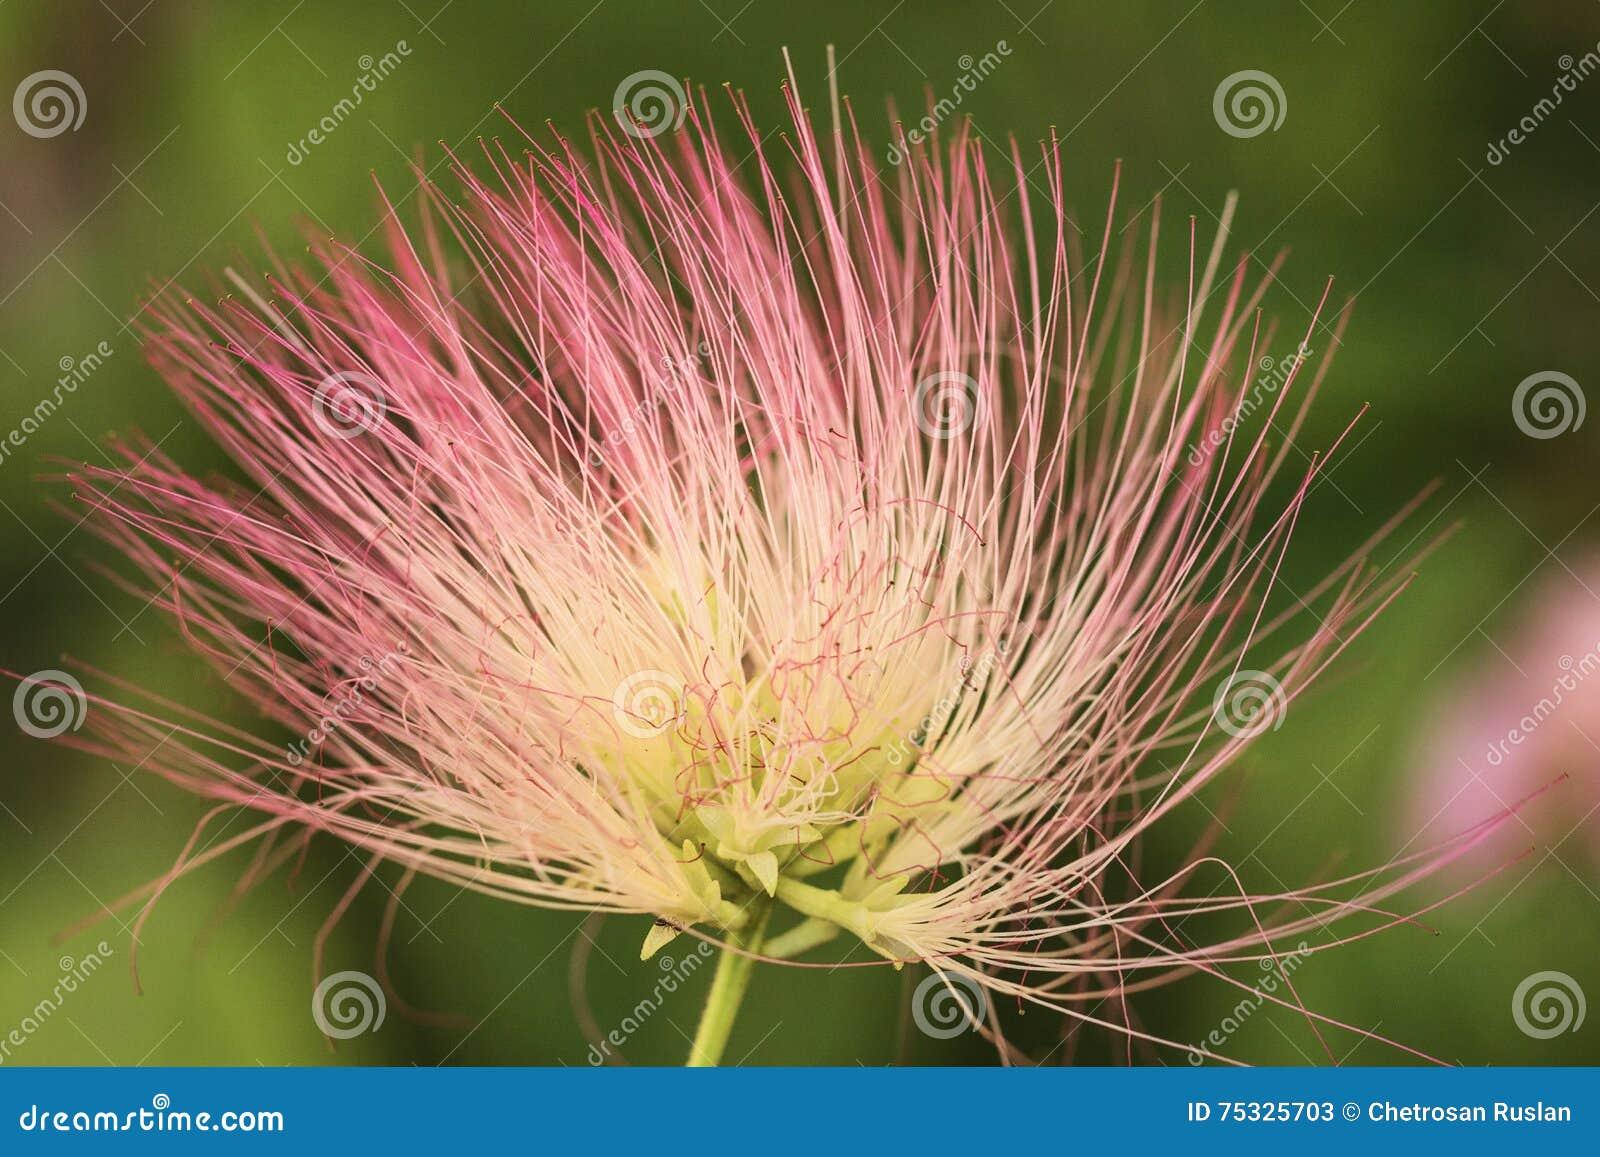 Persian Silk Tree Flower Stock Image Image Of Tree Silk 75325703